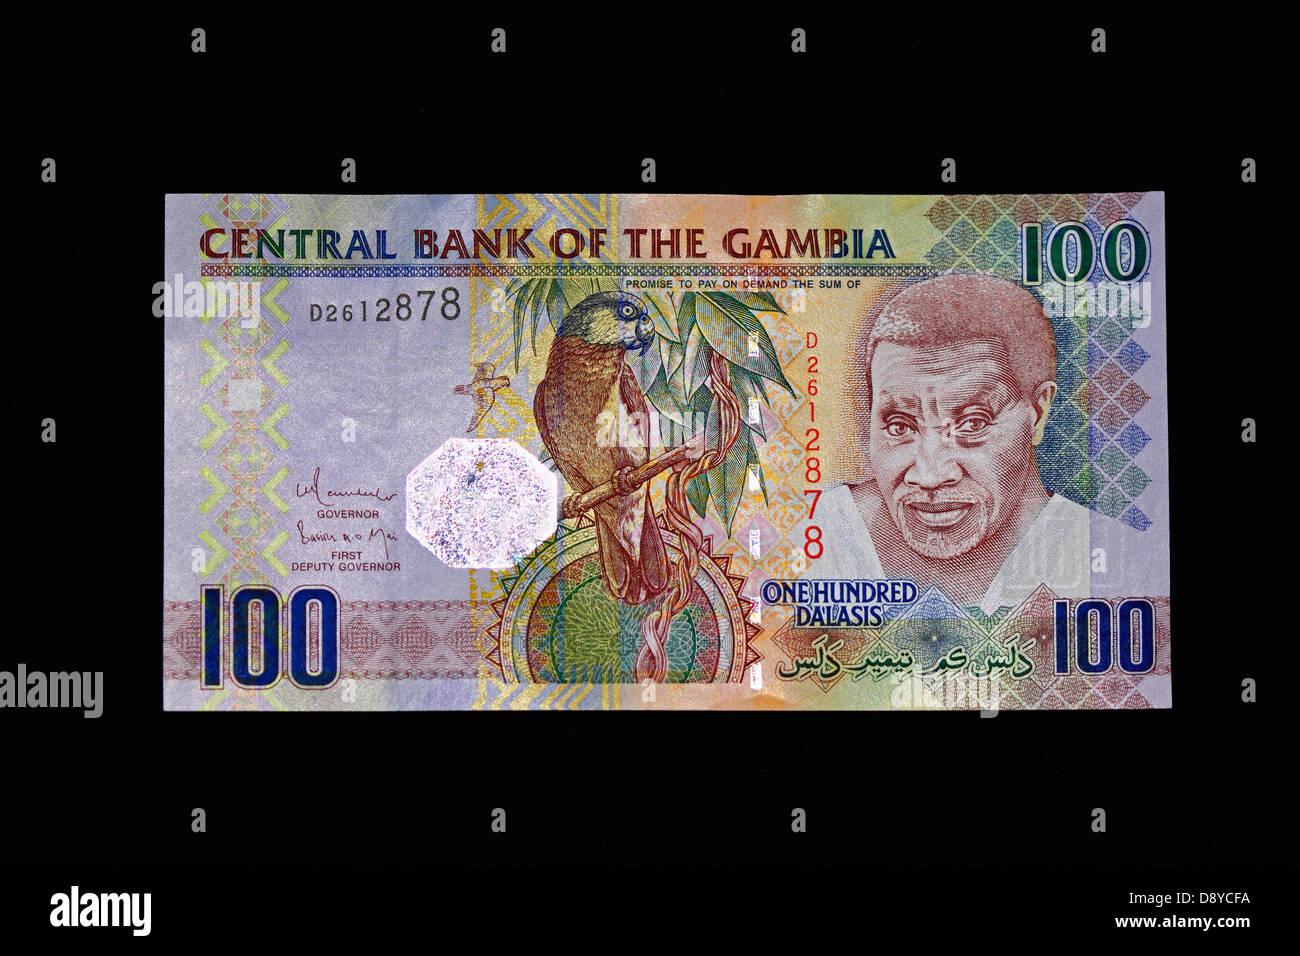 Gambian currency 100 Dalasis bank note